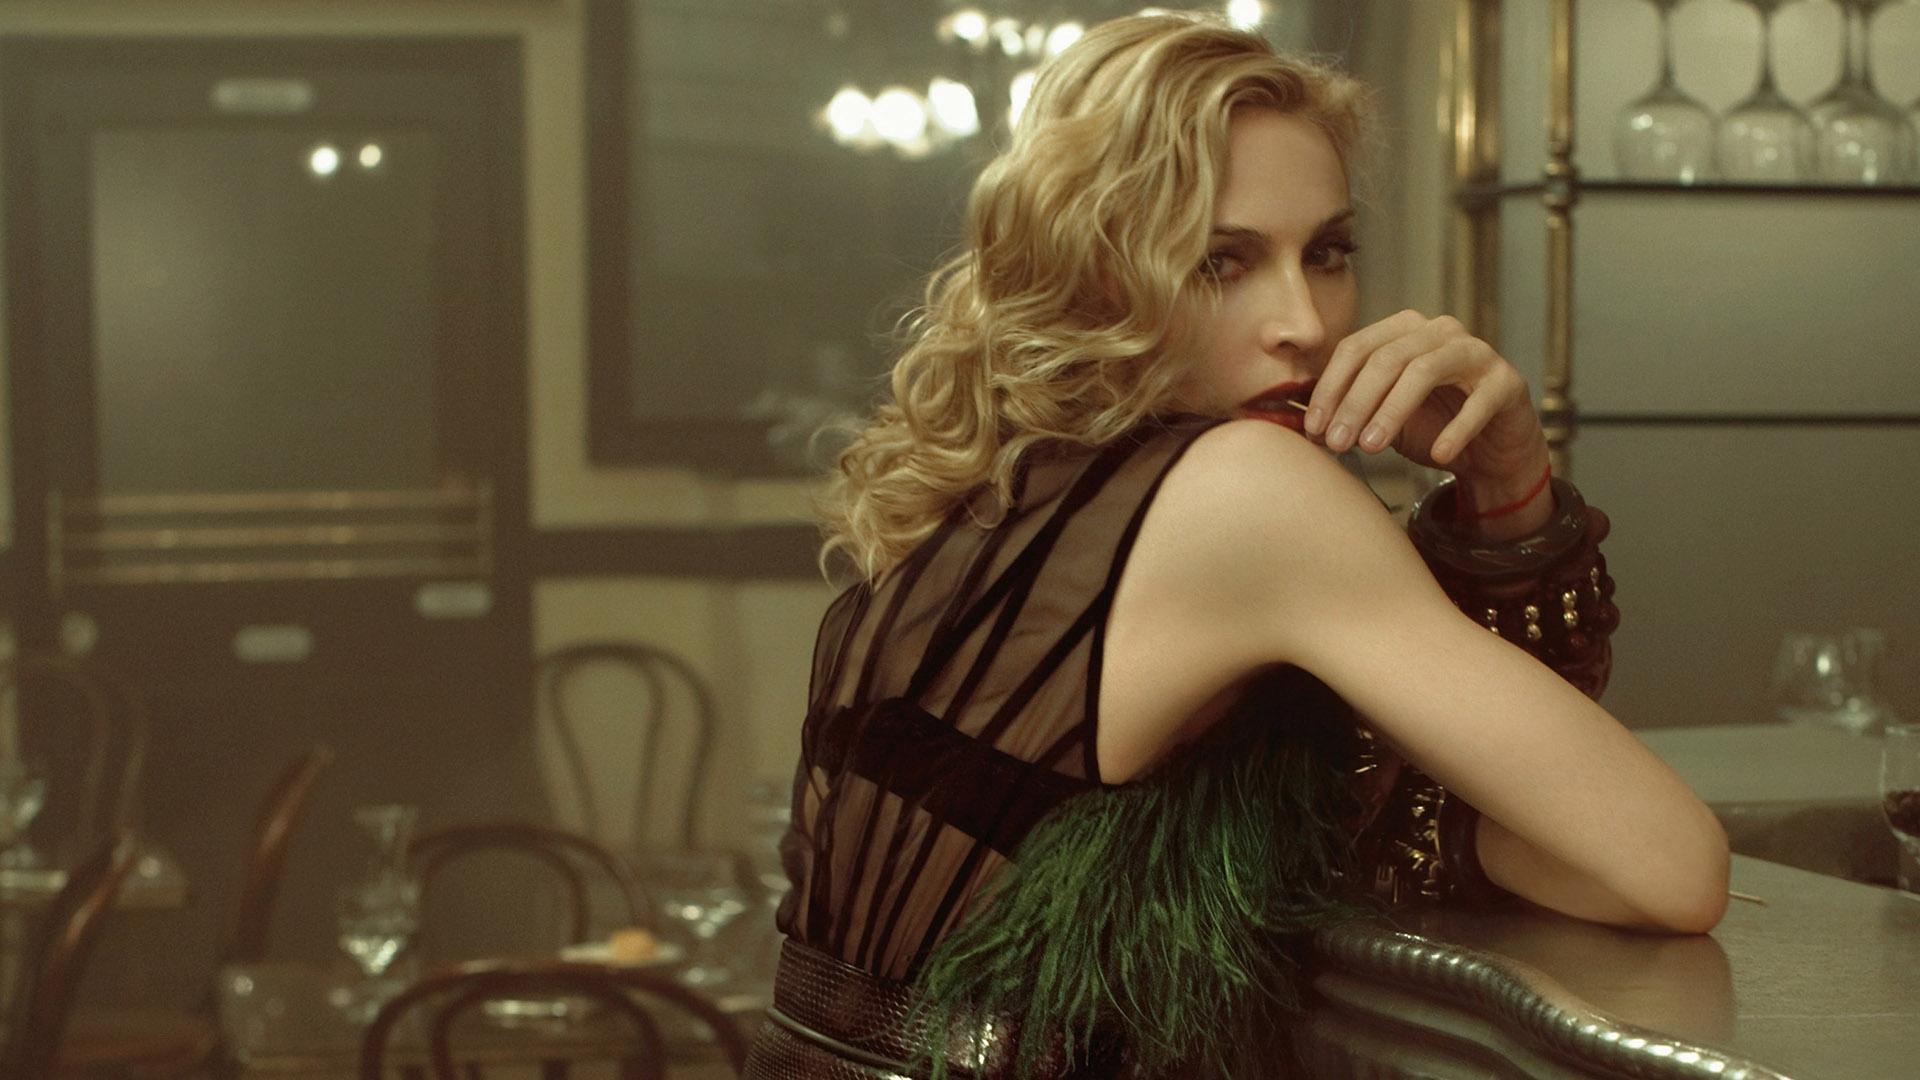 Wallpaper Madonna Dress Look Sweet Bar 1920x1080 Wallpaperup 1105597 Hd Wallpapers Wallhere